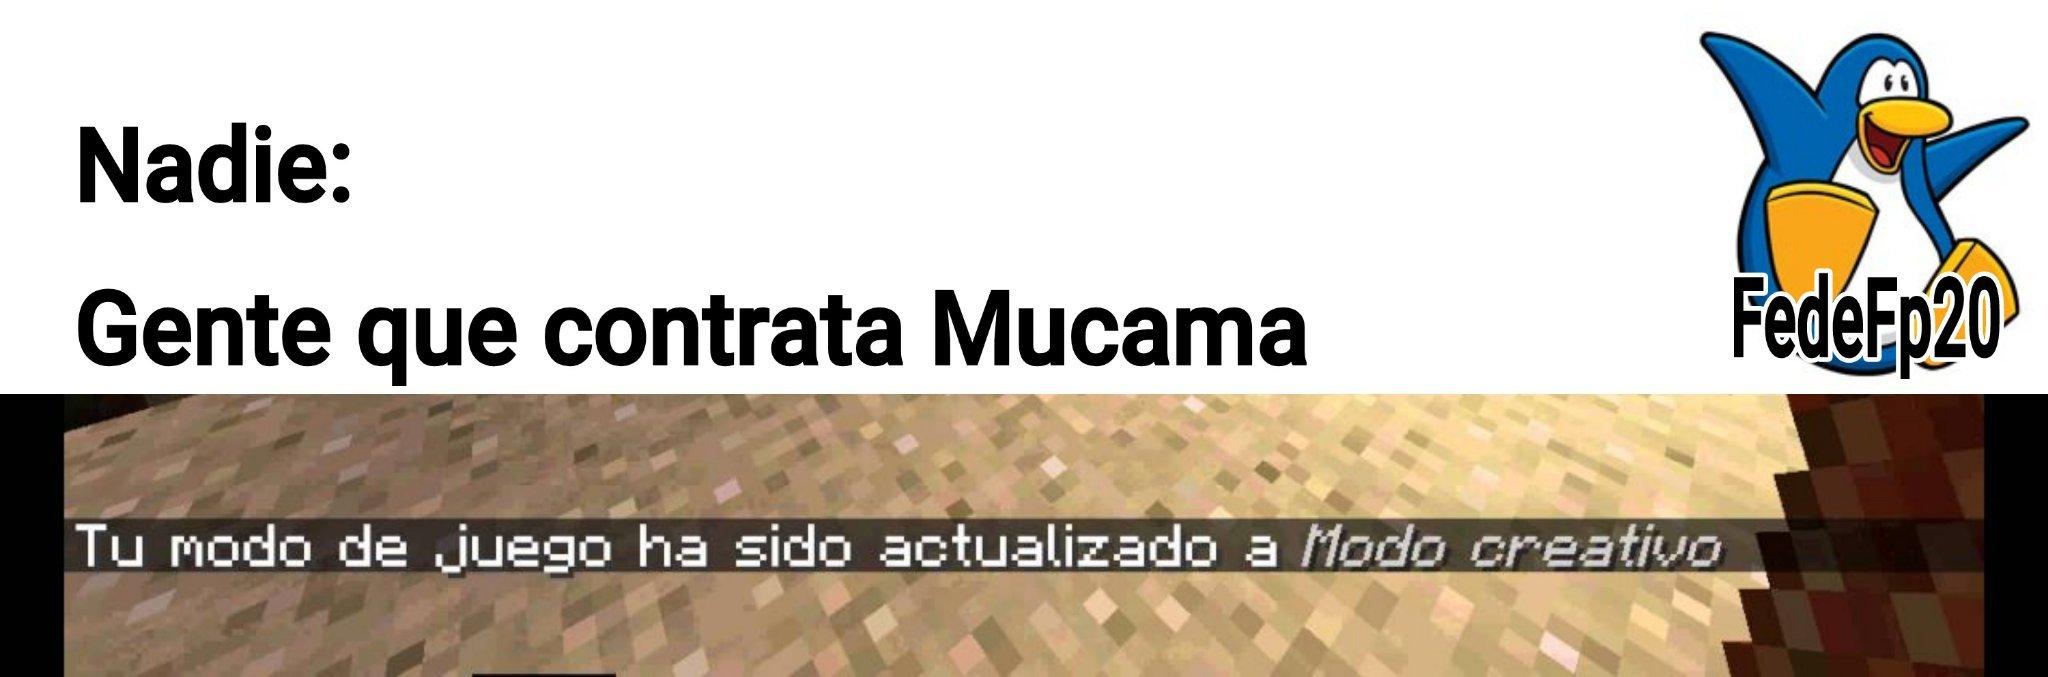 /Gamemode Mucama - meme